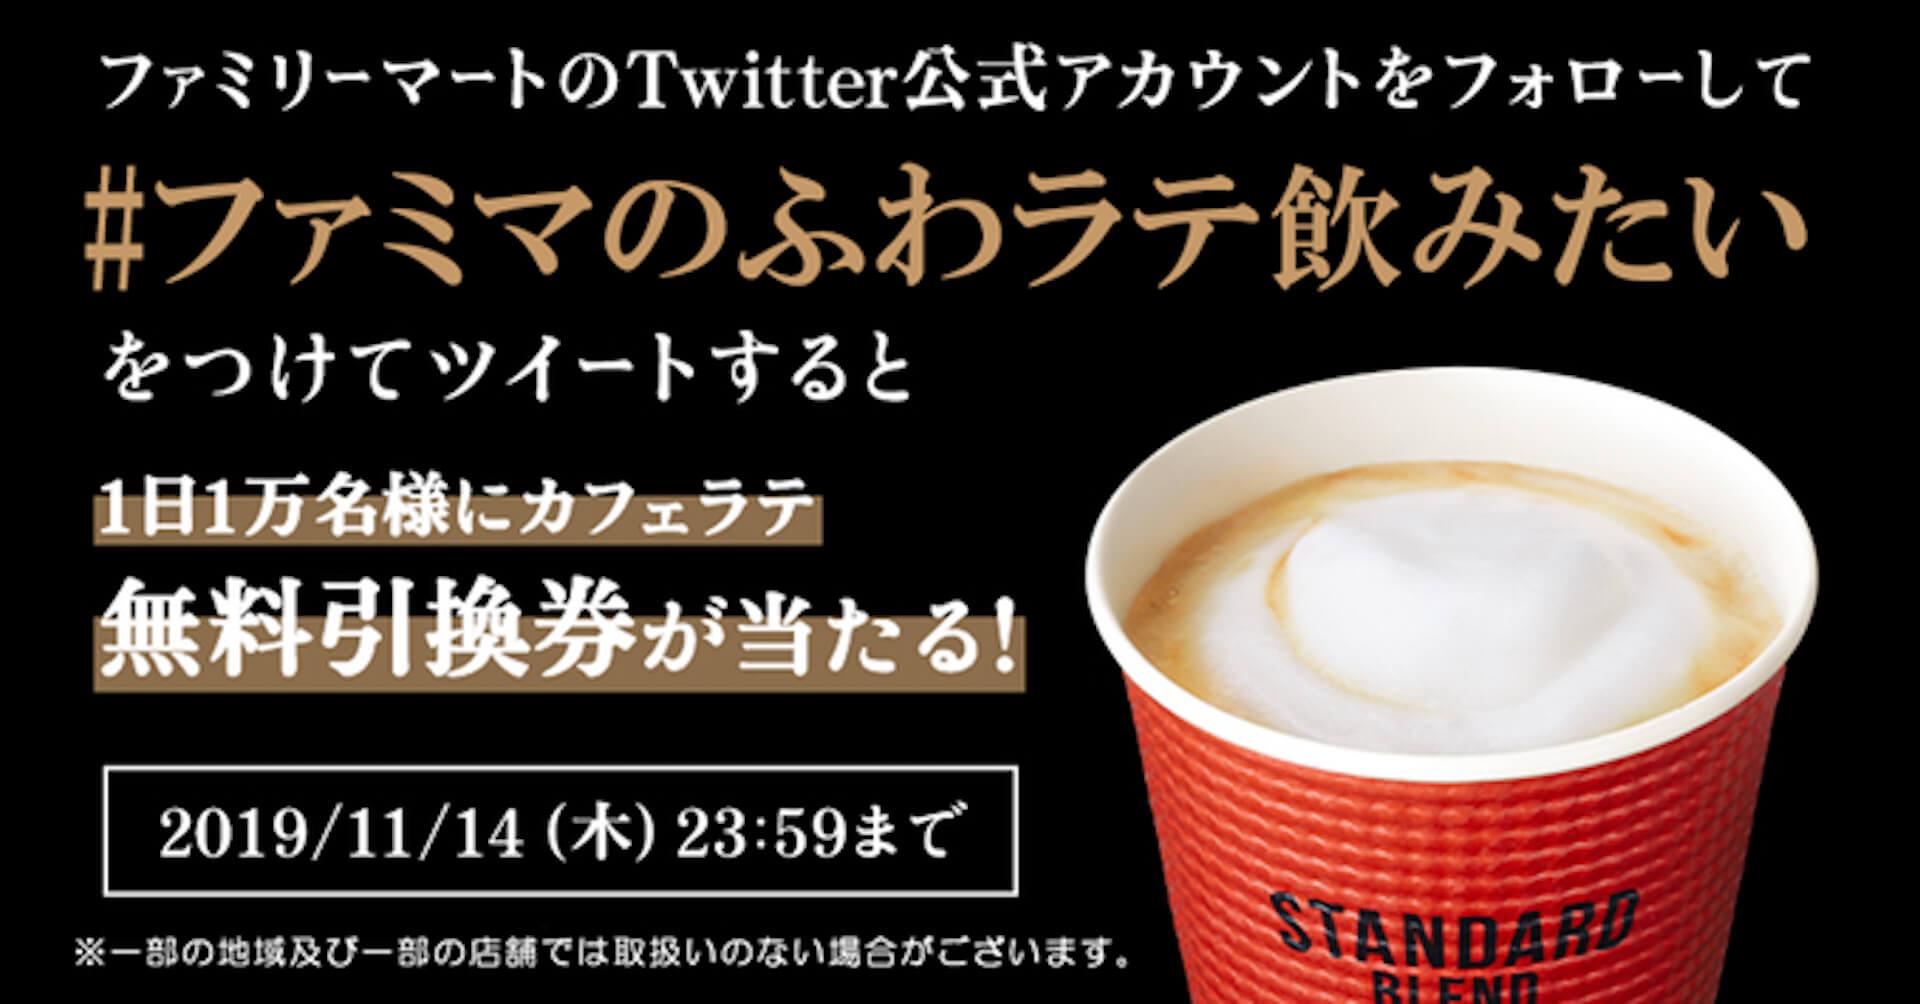 ファミリーマートのカフェラテを無料で飲めるチャンス!Twitterで無料引換券が当たるキャンペーン実施中 gourmet191105_familymart_1